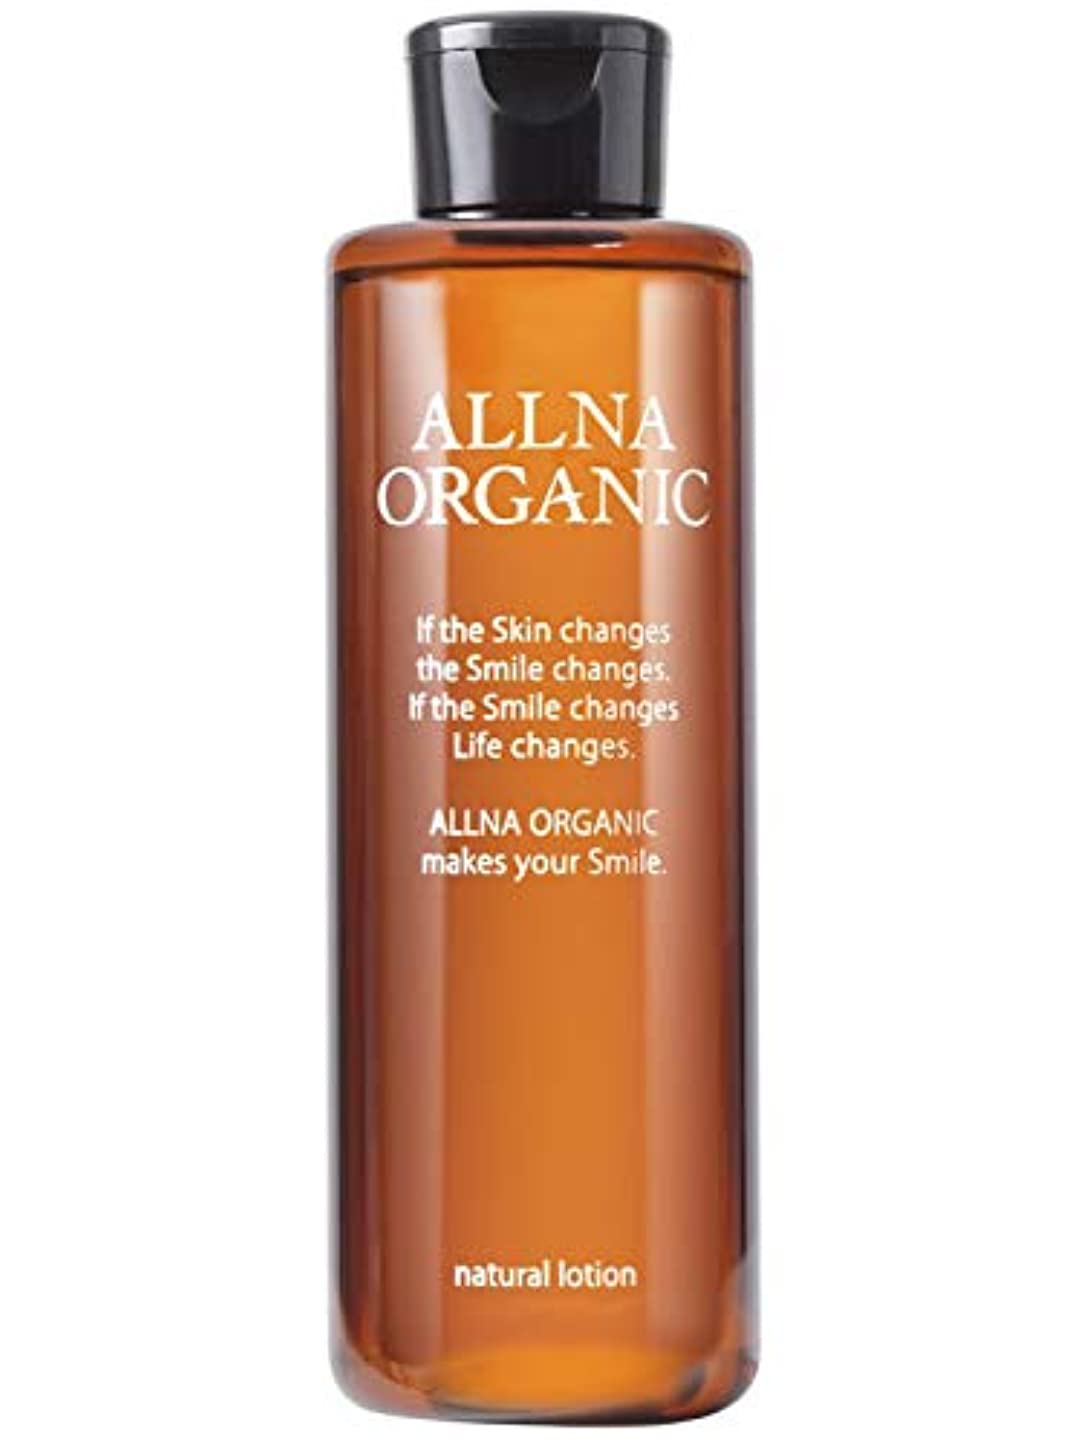 保証かる合意オルナ オーガニック 化粧水 「 保湿 乾燥 かさつき 用」「 コラーゲン ビタミンC誘導体 ヒアルロン酸 セラミド 配合」200ml